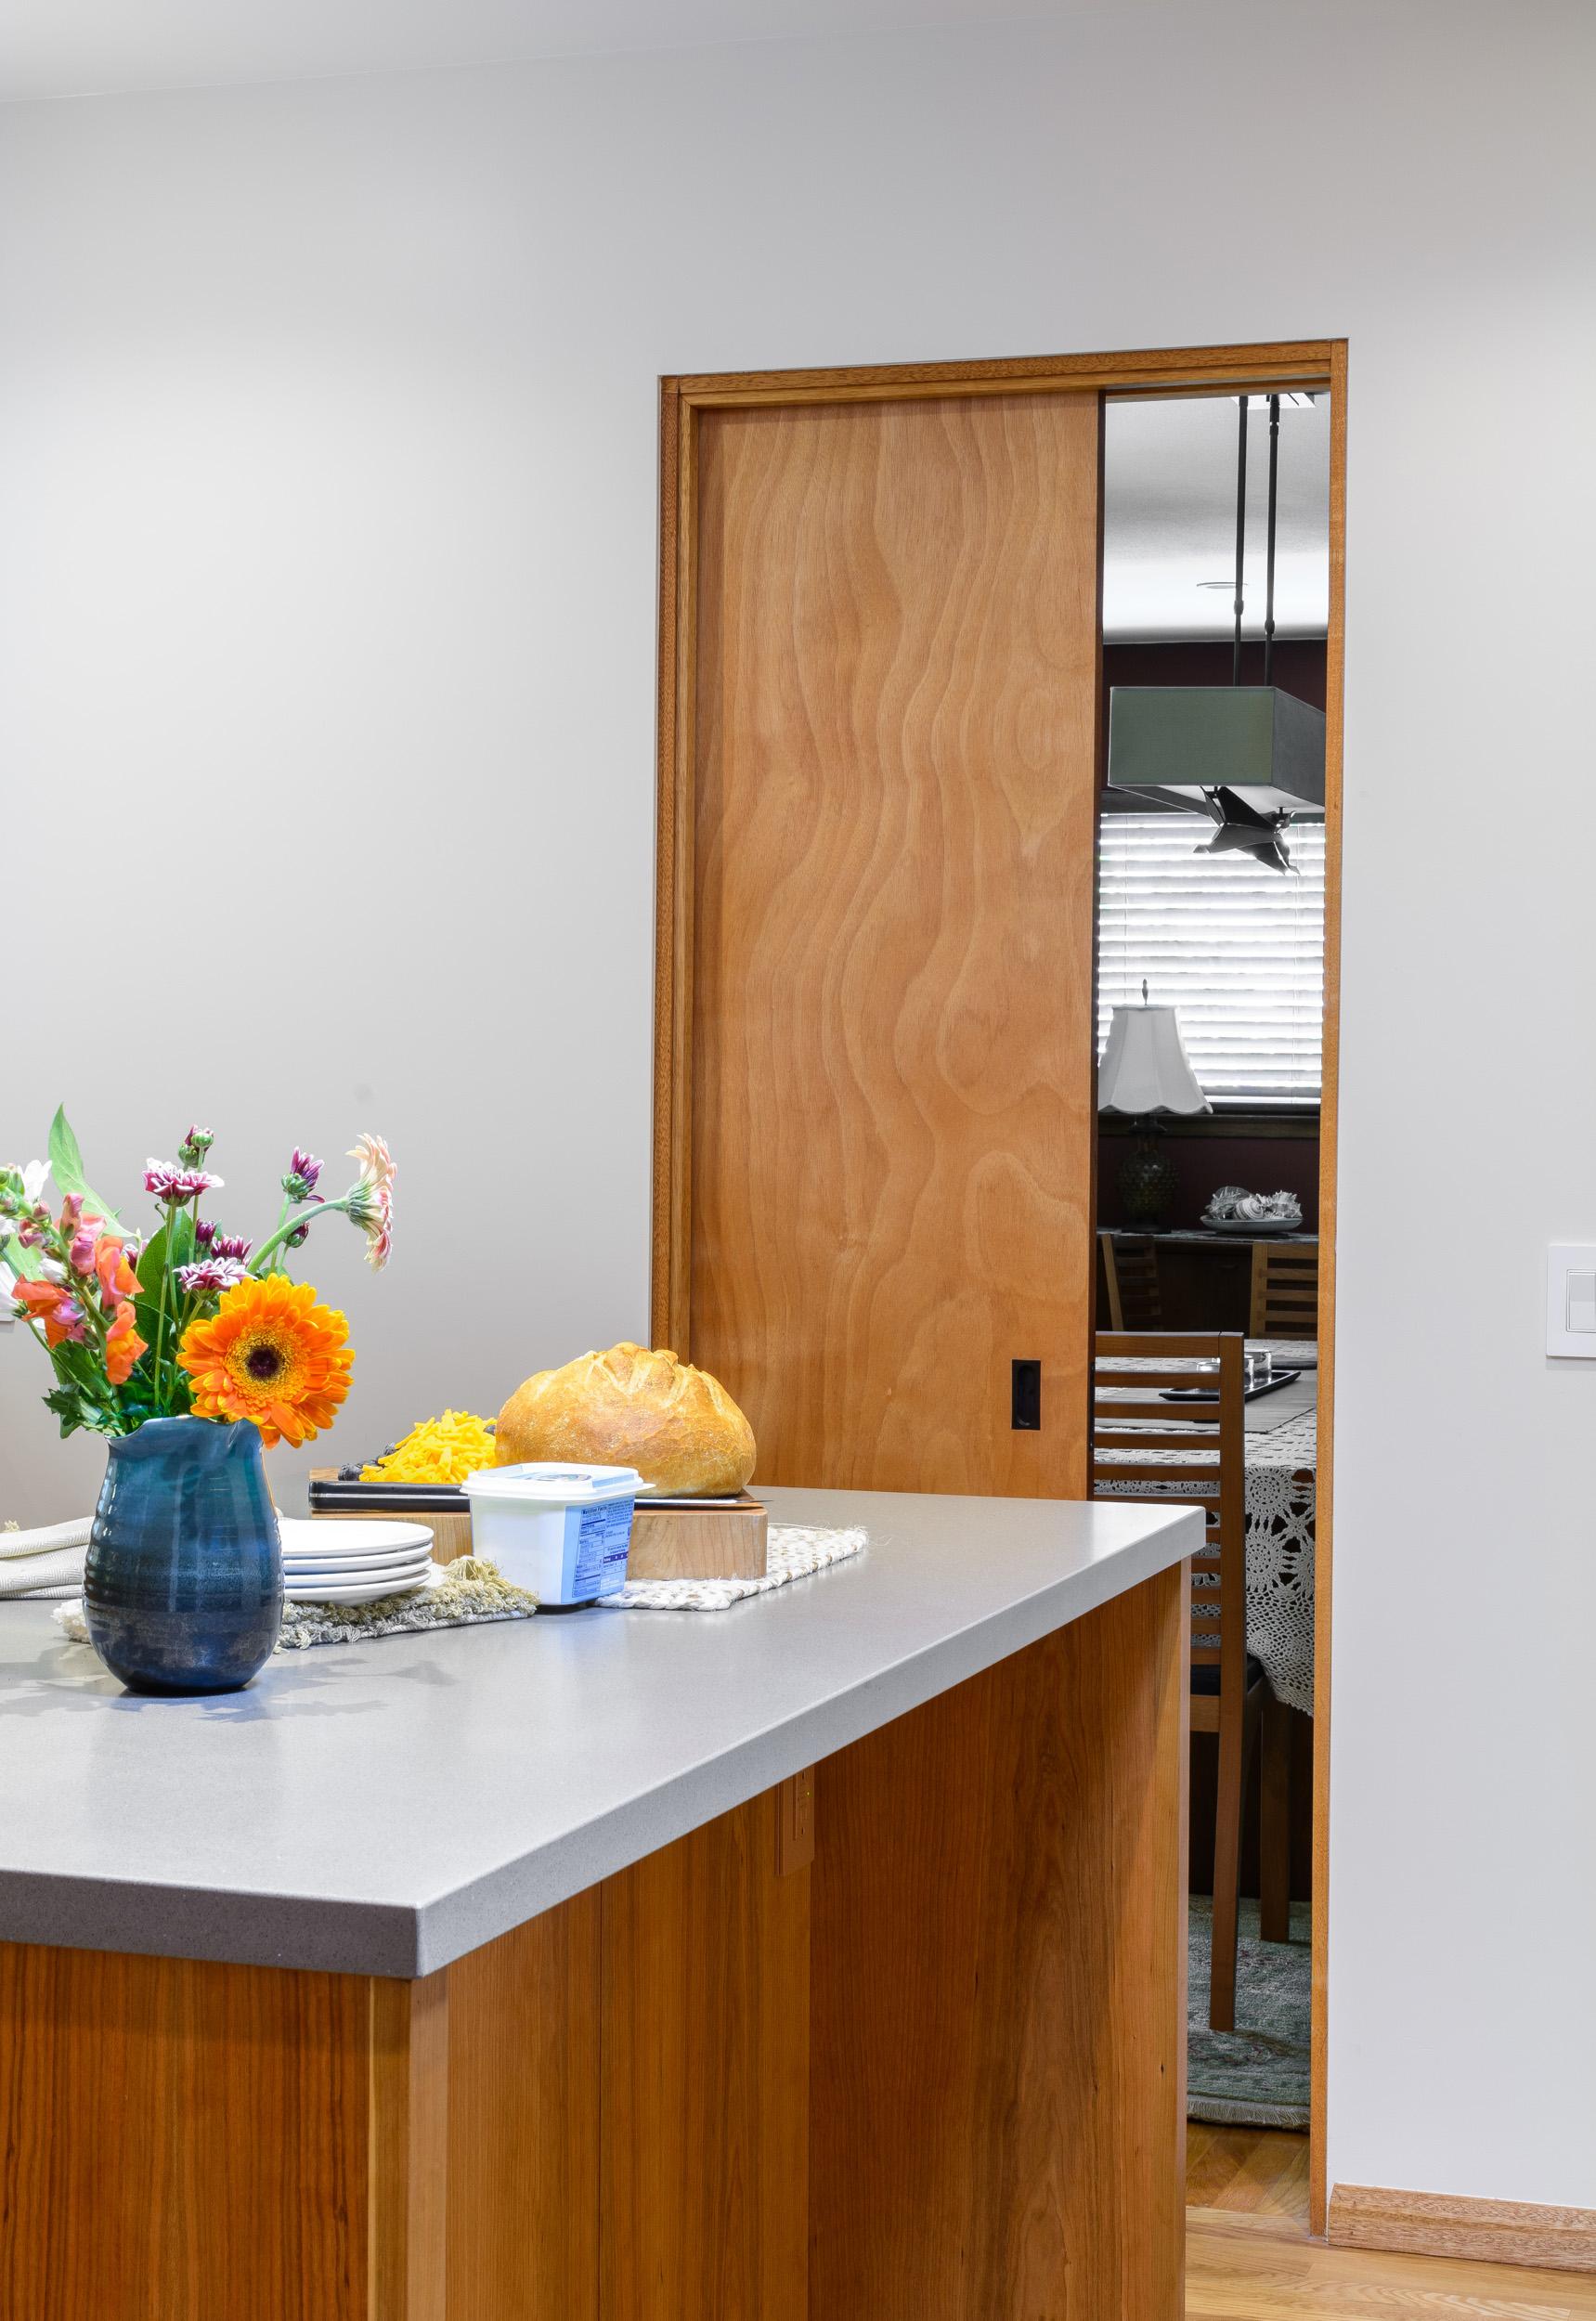 Kitchen pocket door in cherry wood between kitchen island and dining room